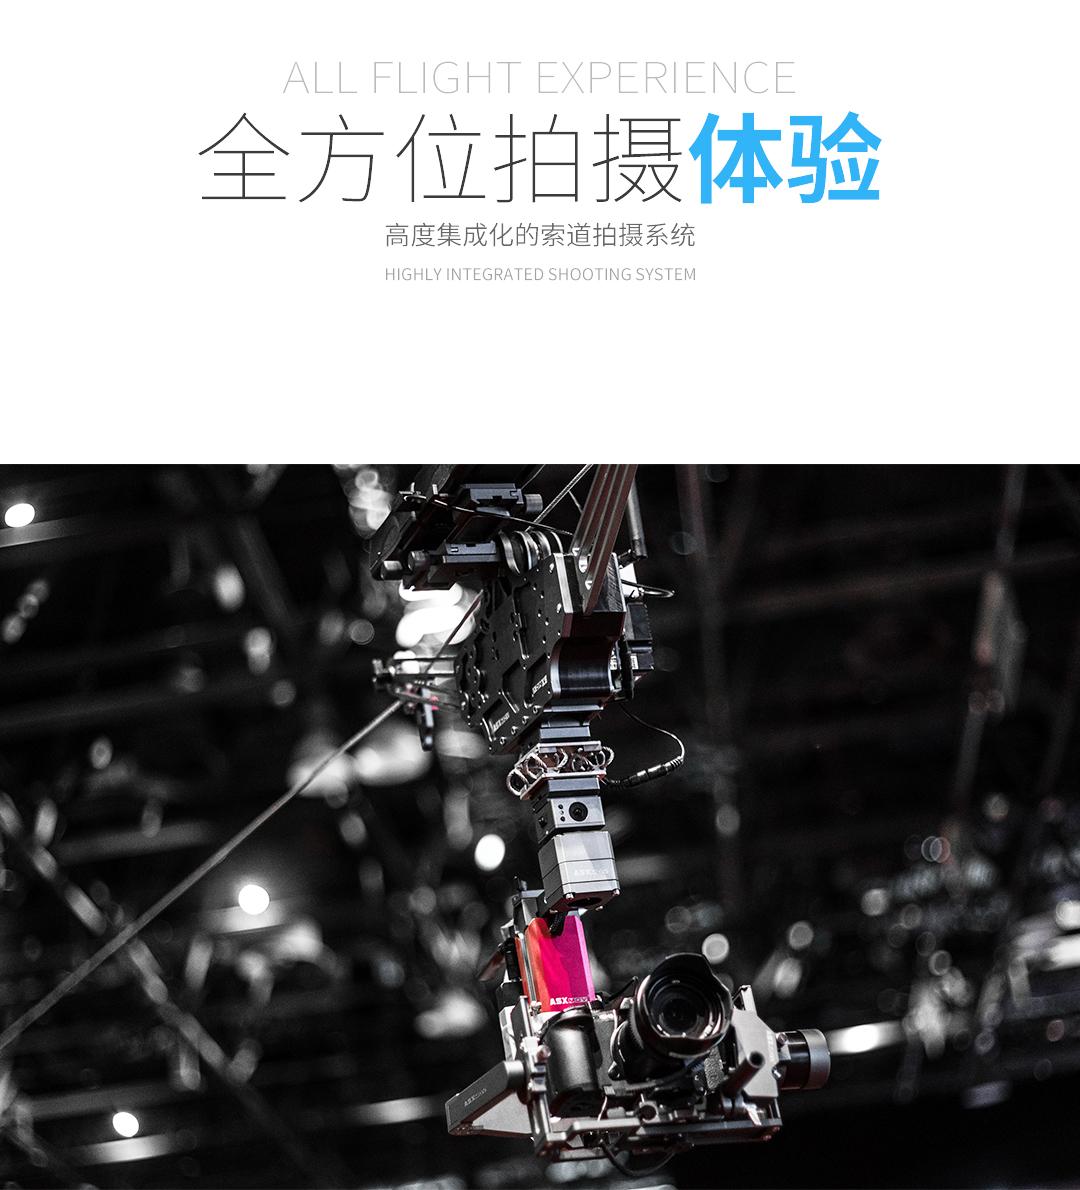 索道拍摄系统-中文版2018.11_02.jpg